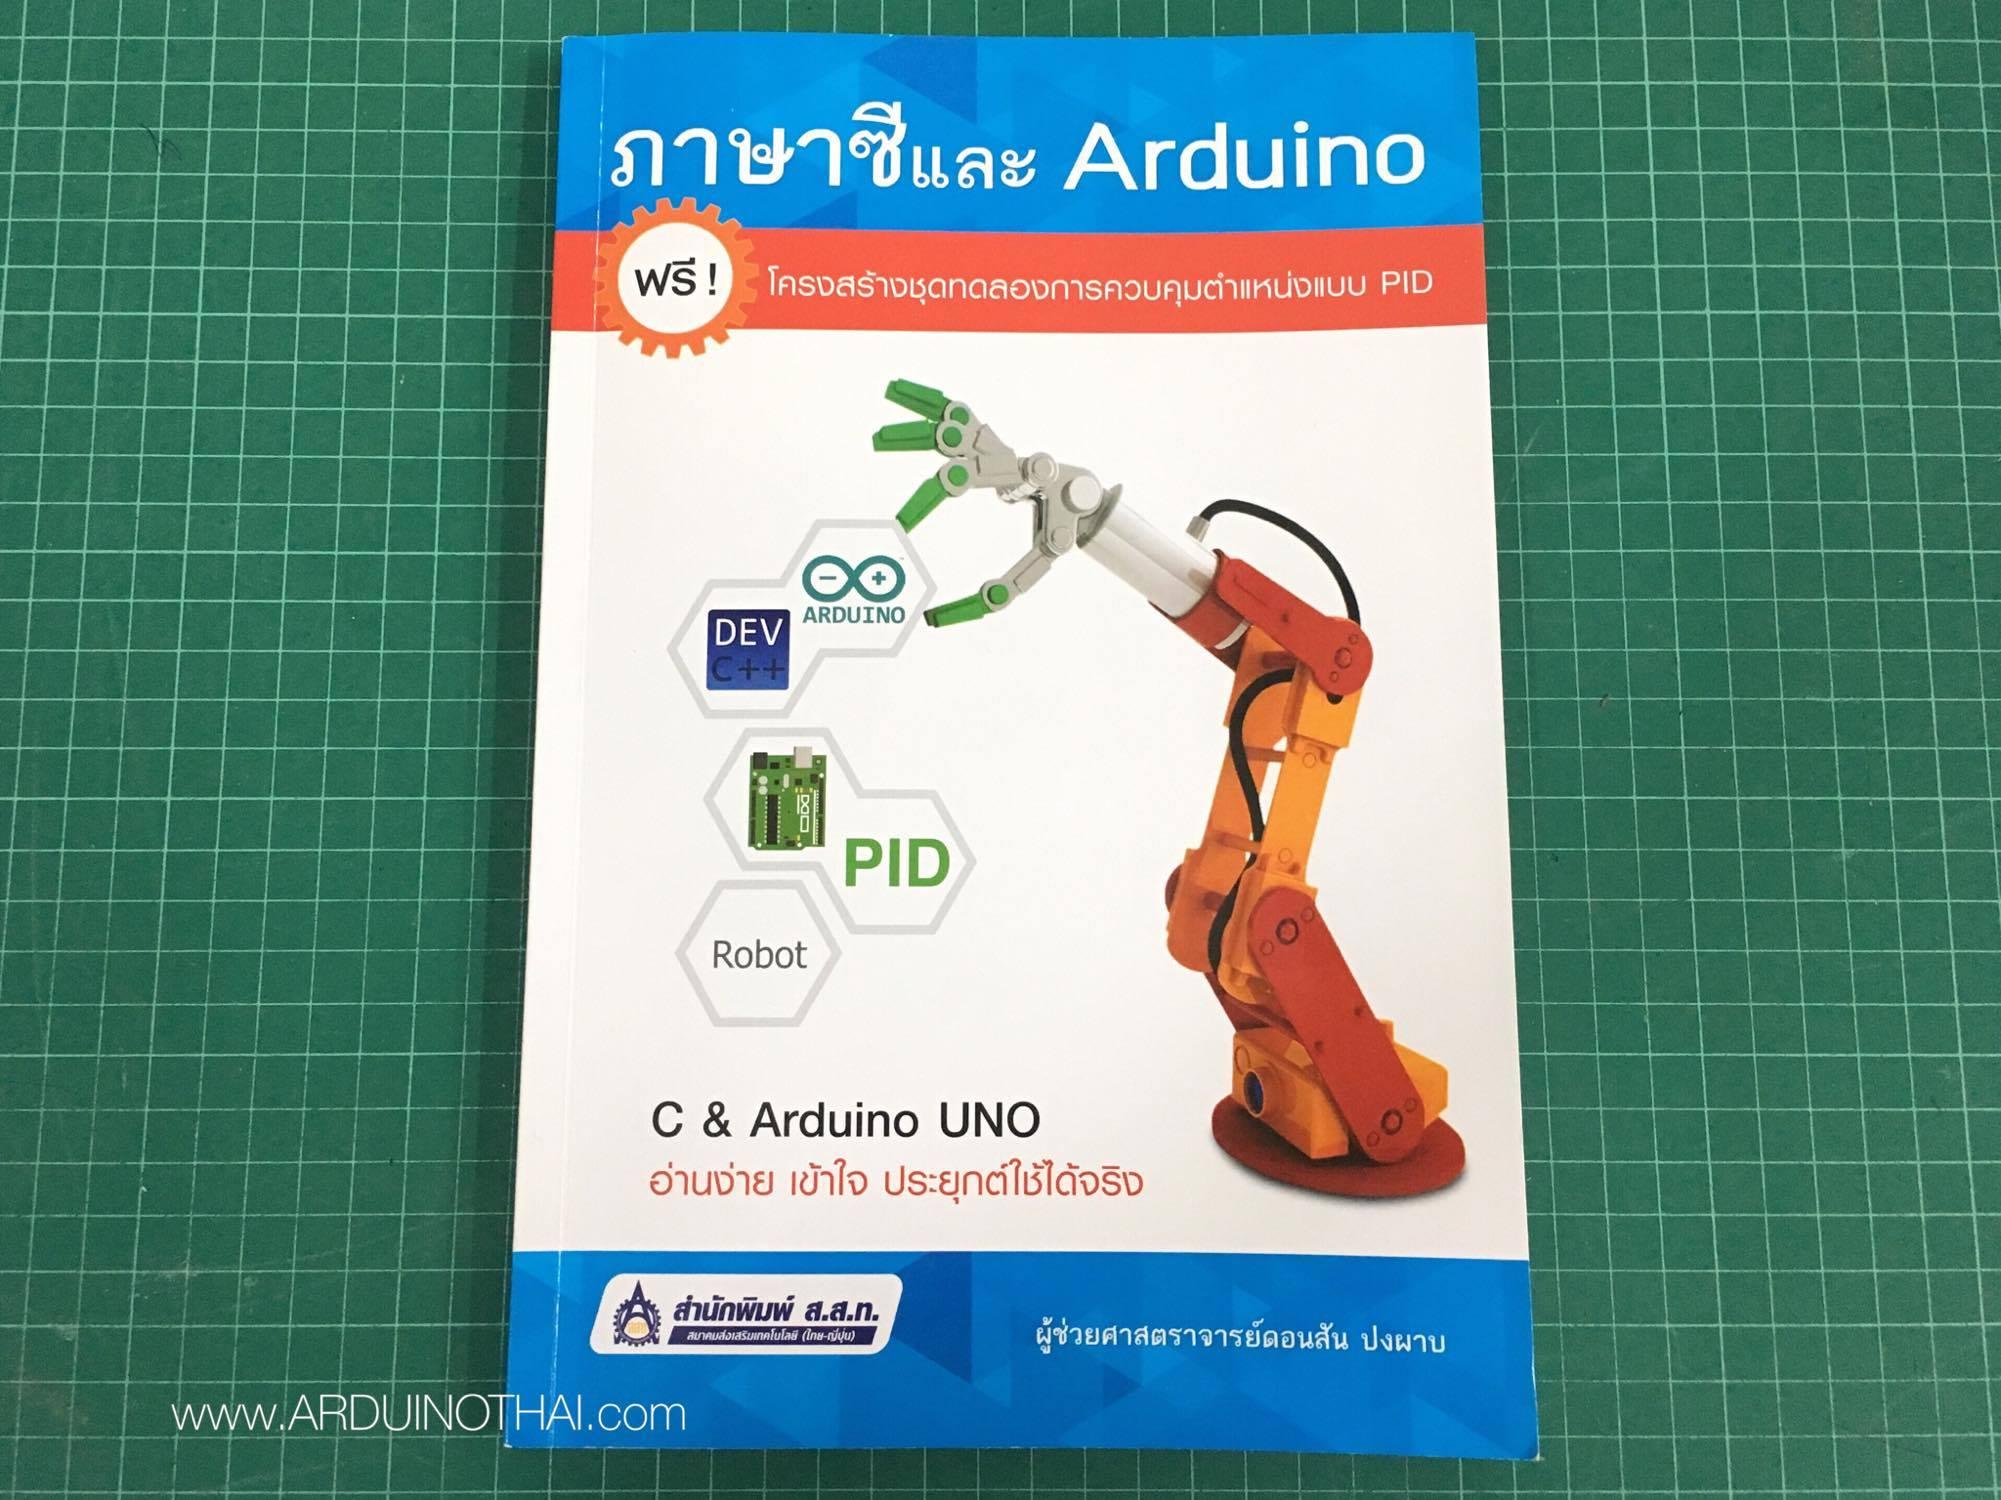 หนังสือภาษีซีและArduino